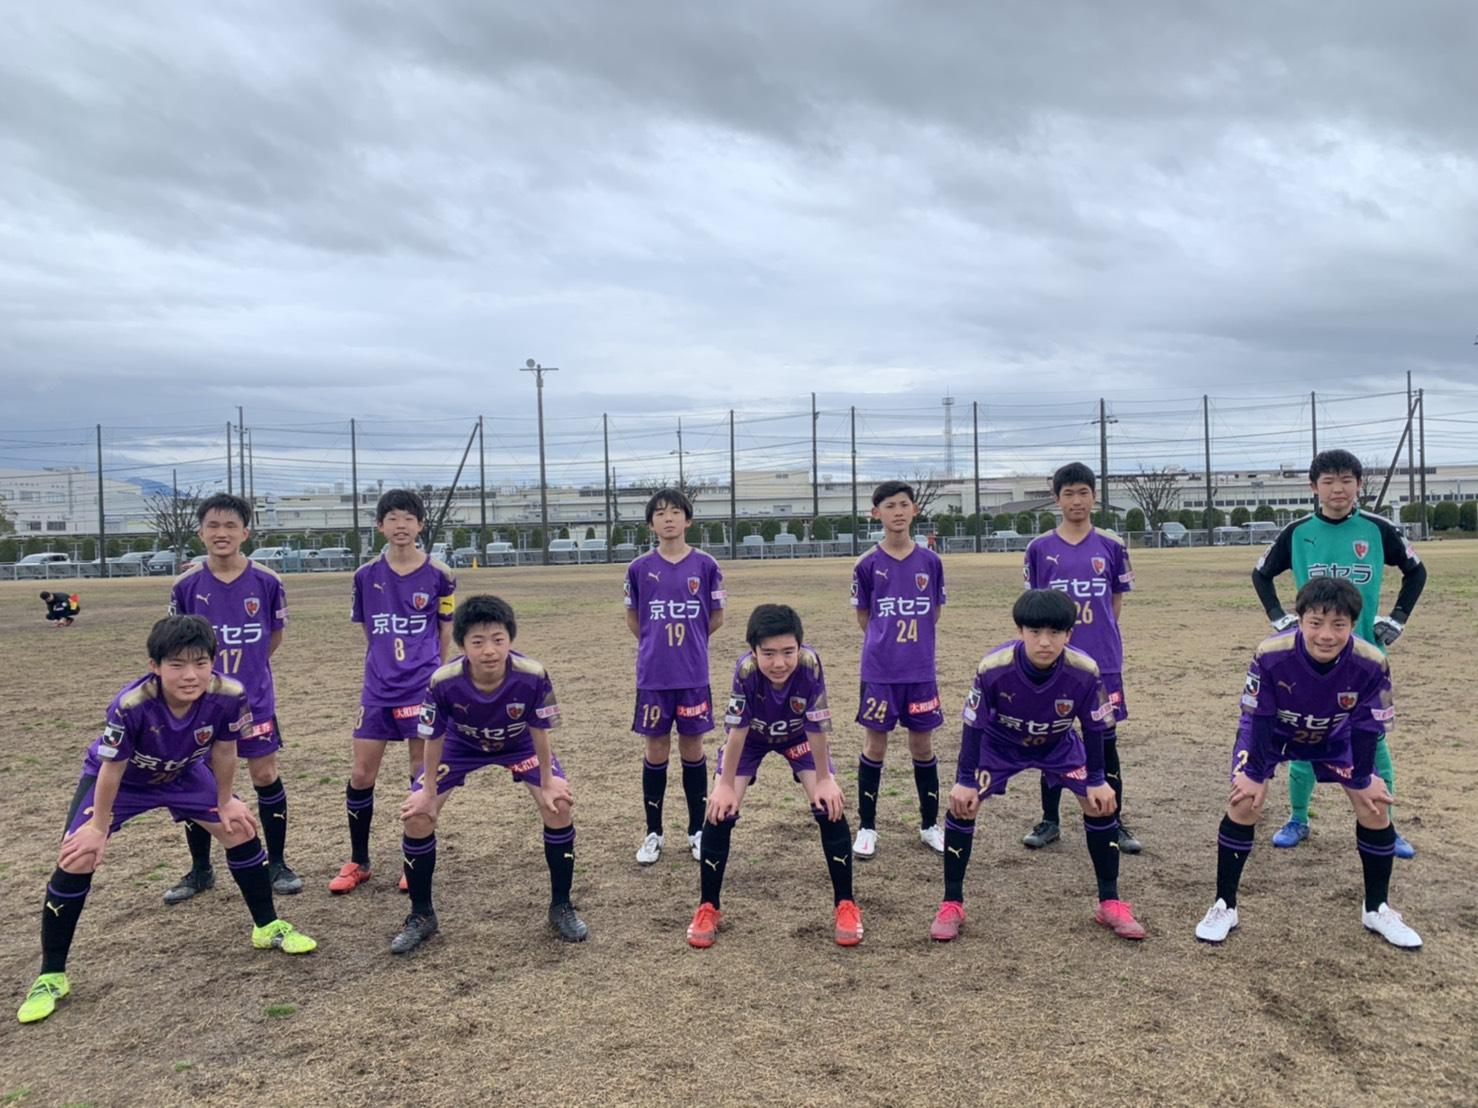 【新U-15】高円宮杯JFA U-15サッカーリーグ滋賀2021 2部リーグ第5節